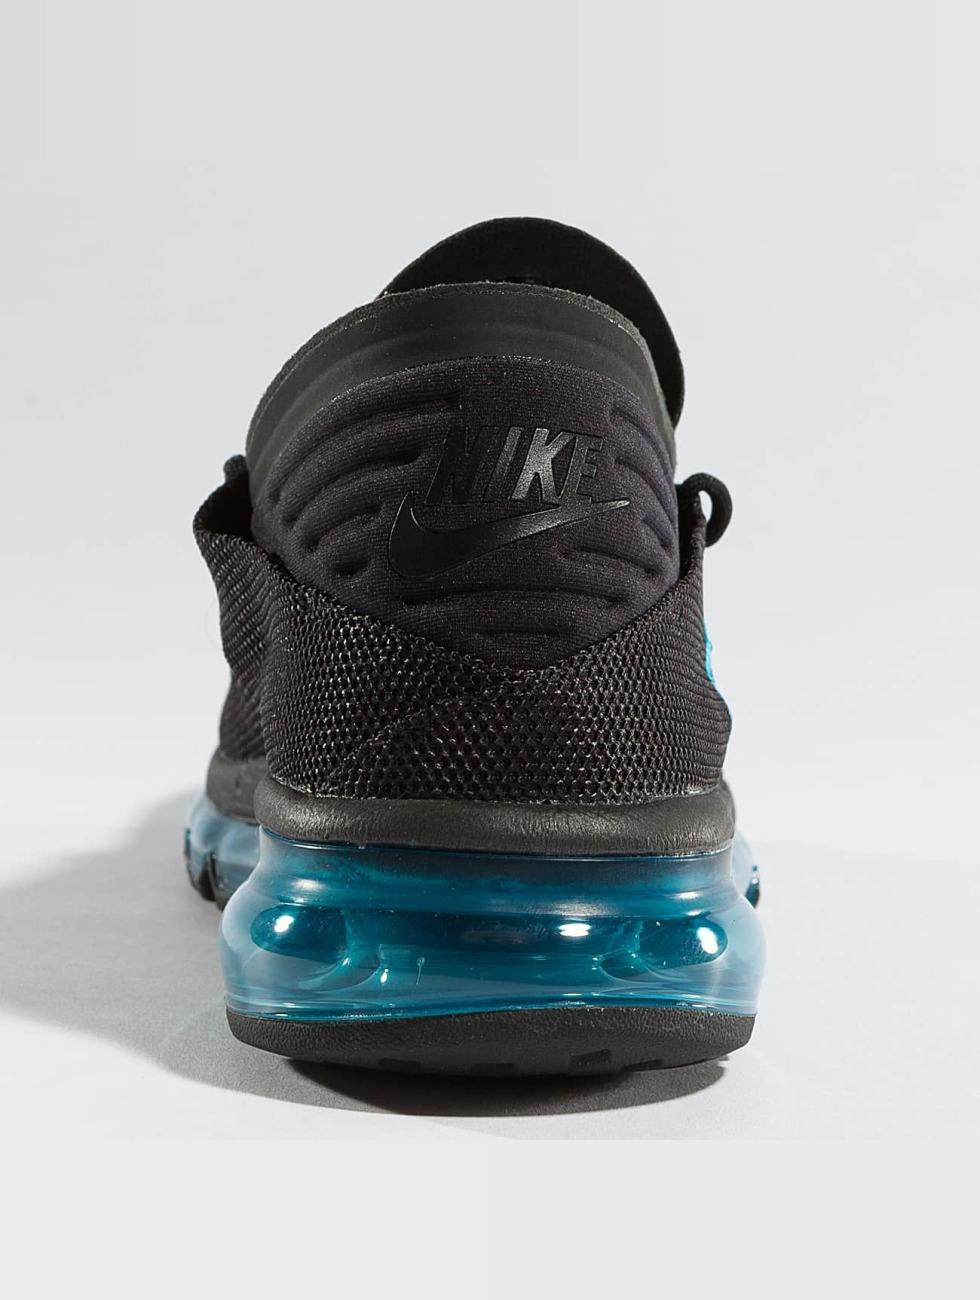 Nike Chaussure / Basket Flair Air Max En Noir 422 535 100% Garanti 9YGvu